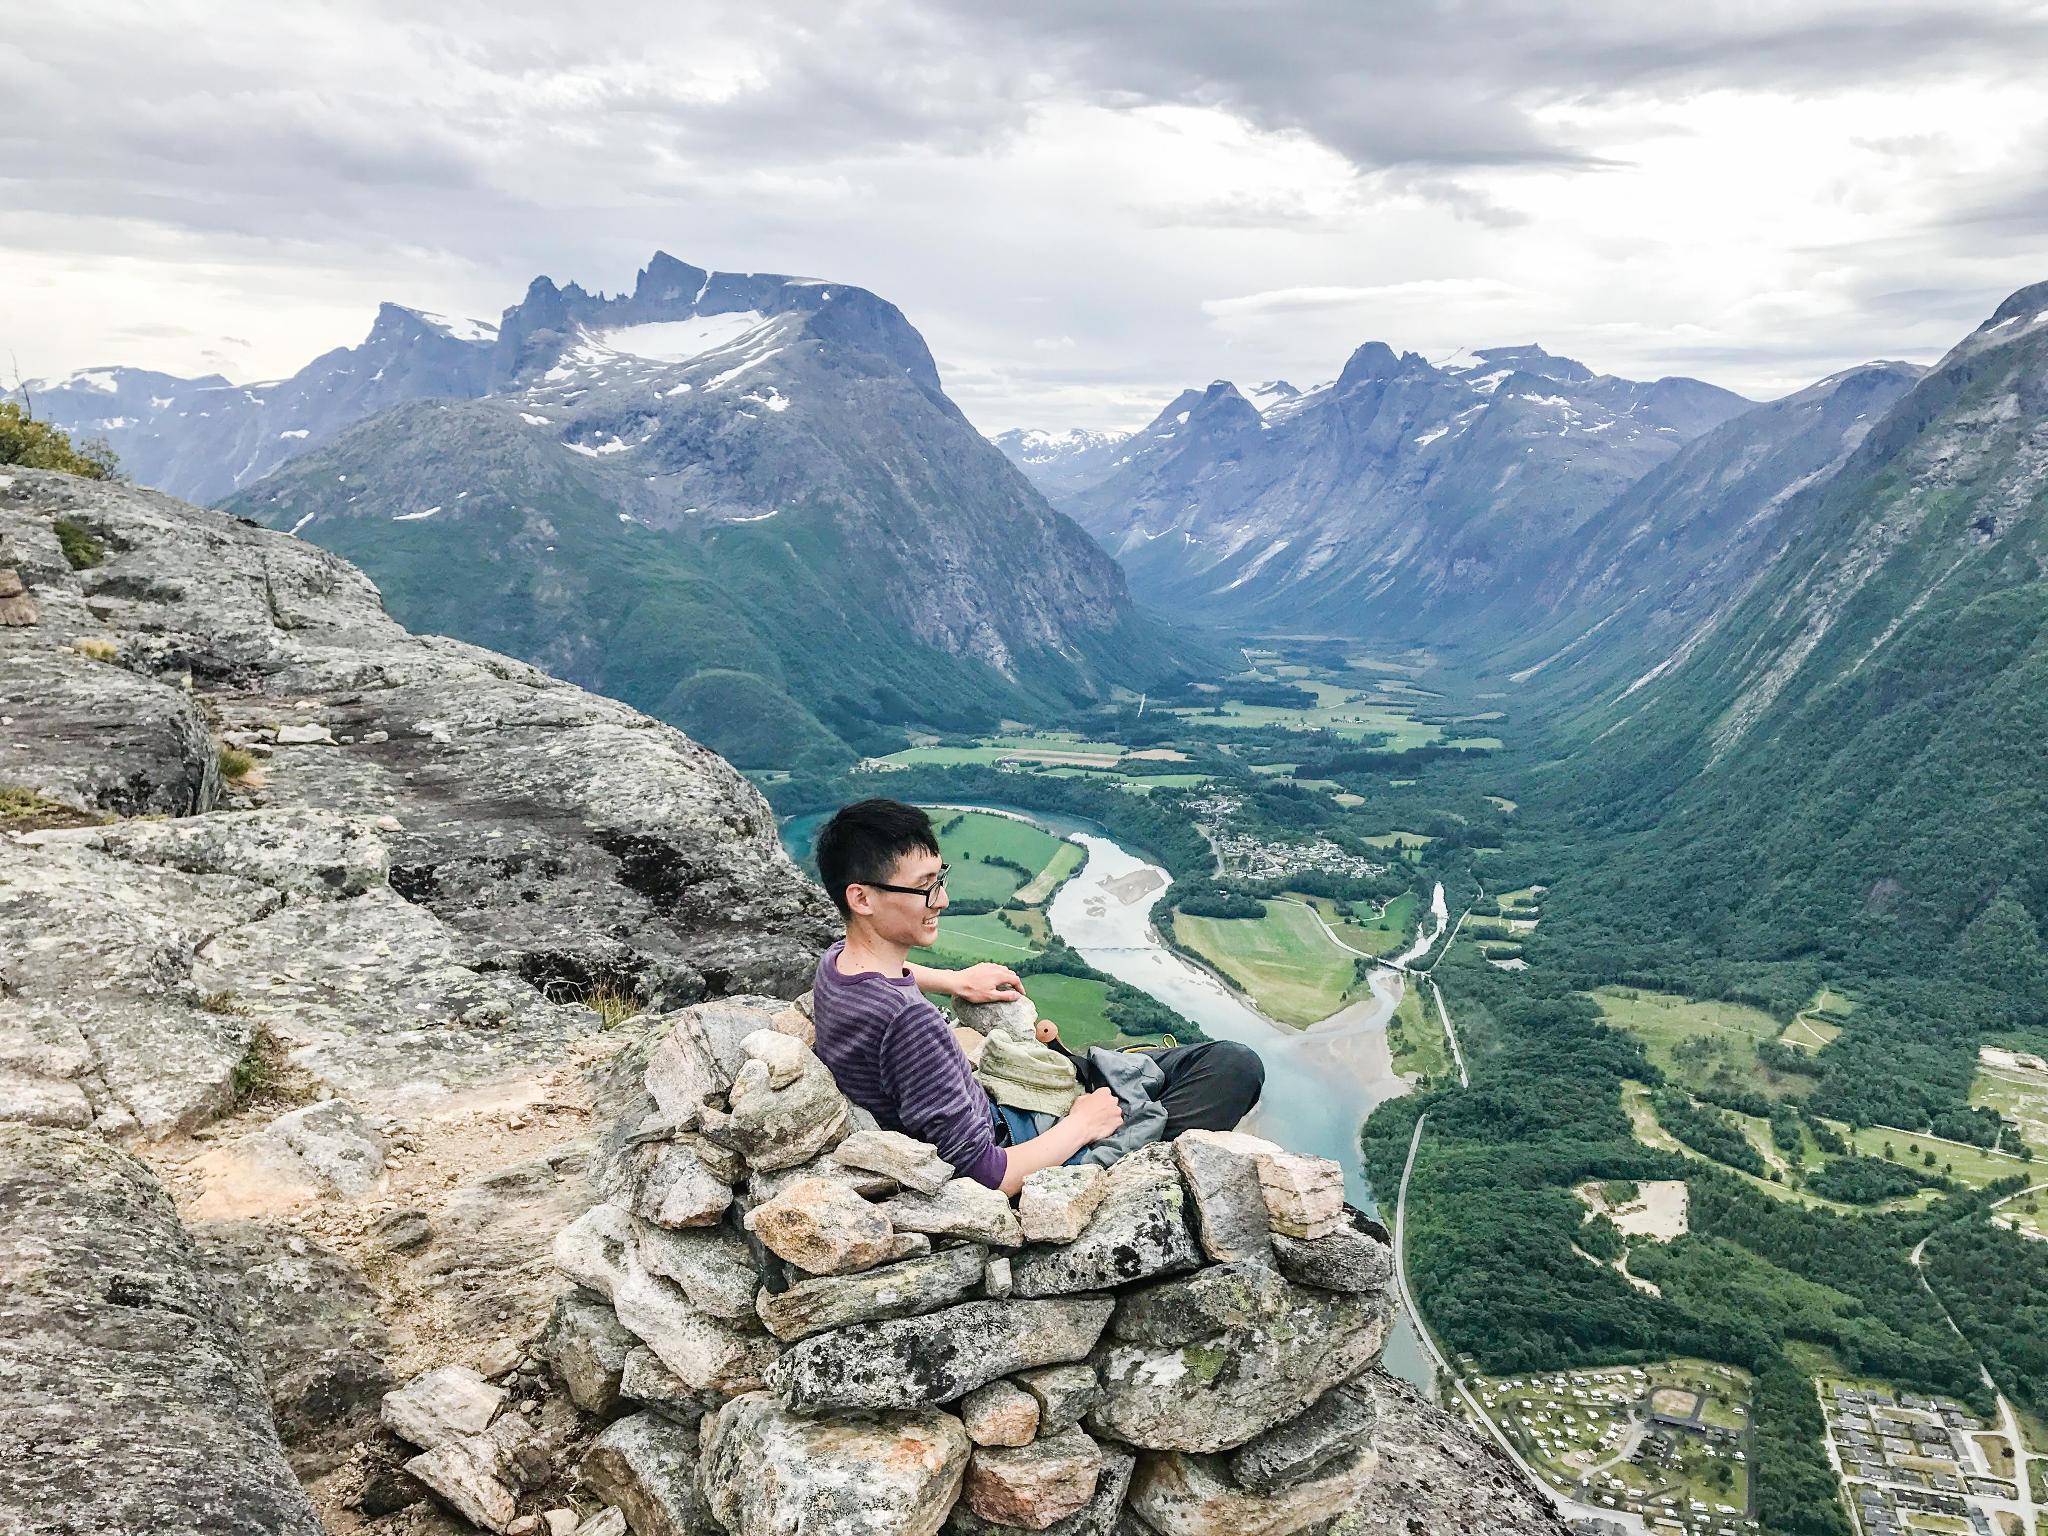 【北歐景點】峽灣區起點Åndalsnes健行 - 鳥瞰峽灣全景的Rampestreken觀景台 25